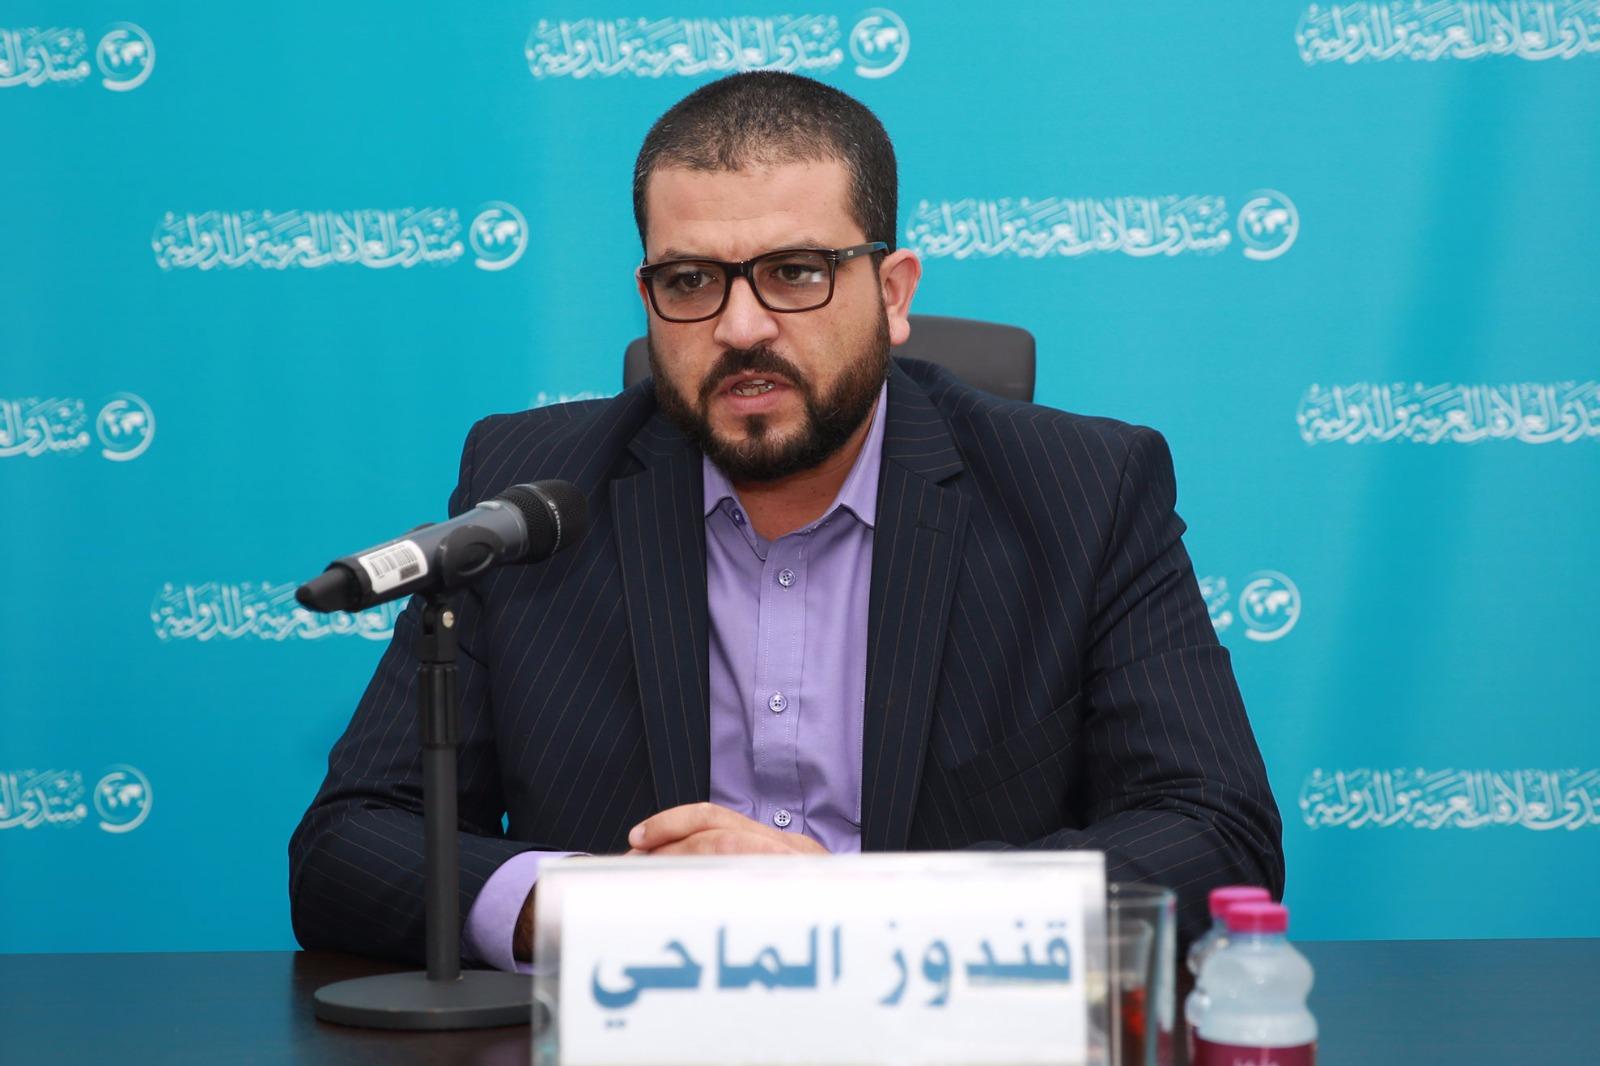 محاضرة عامة: لمحات من حياة الإمام محمد البشير الإبراهيمي